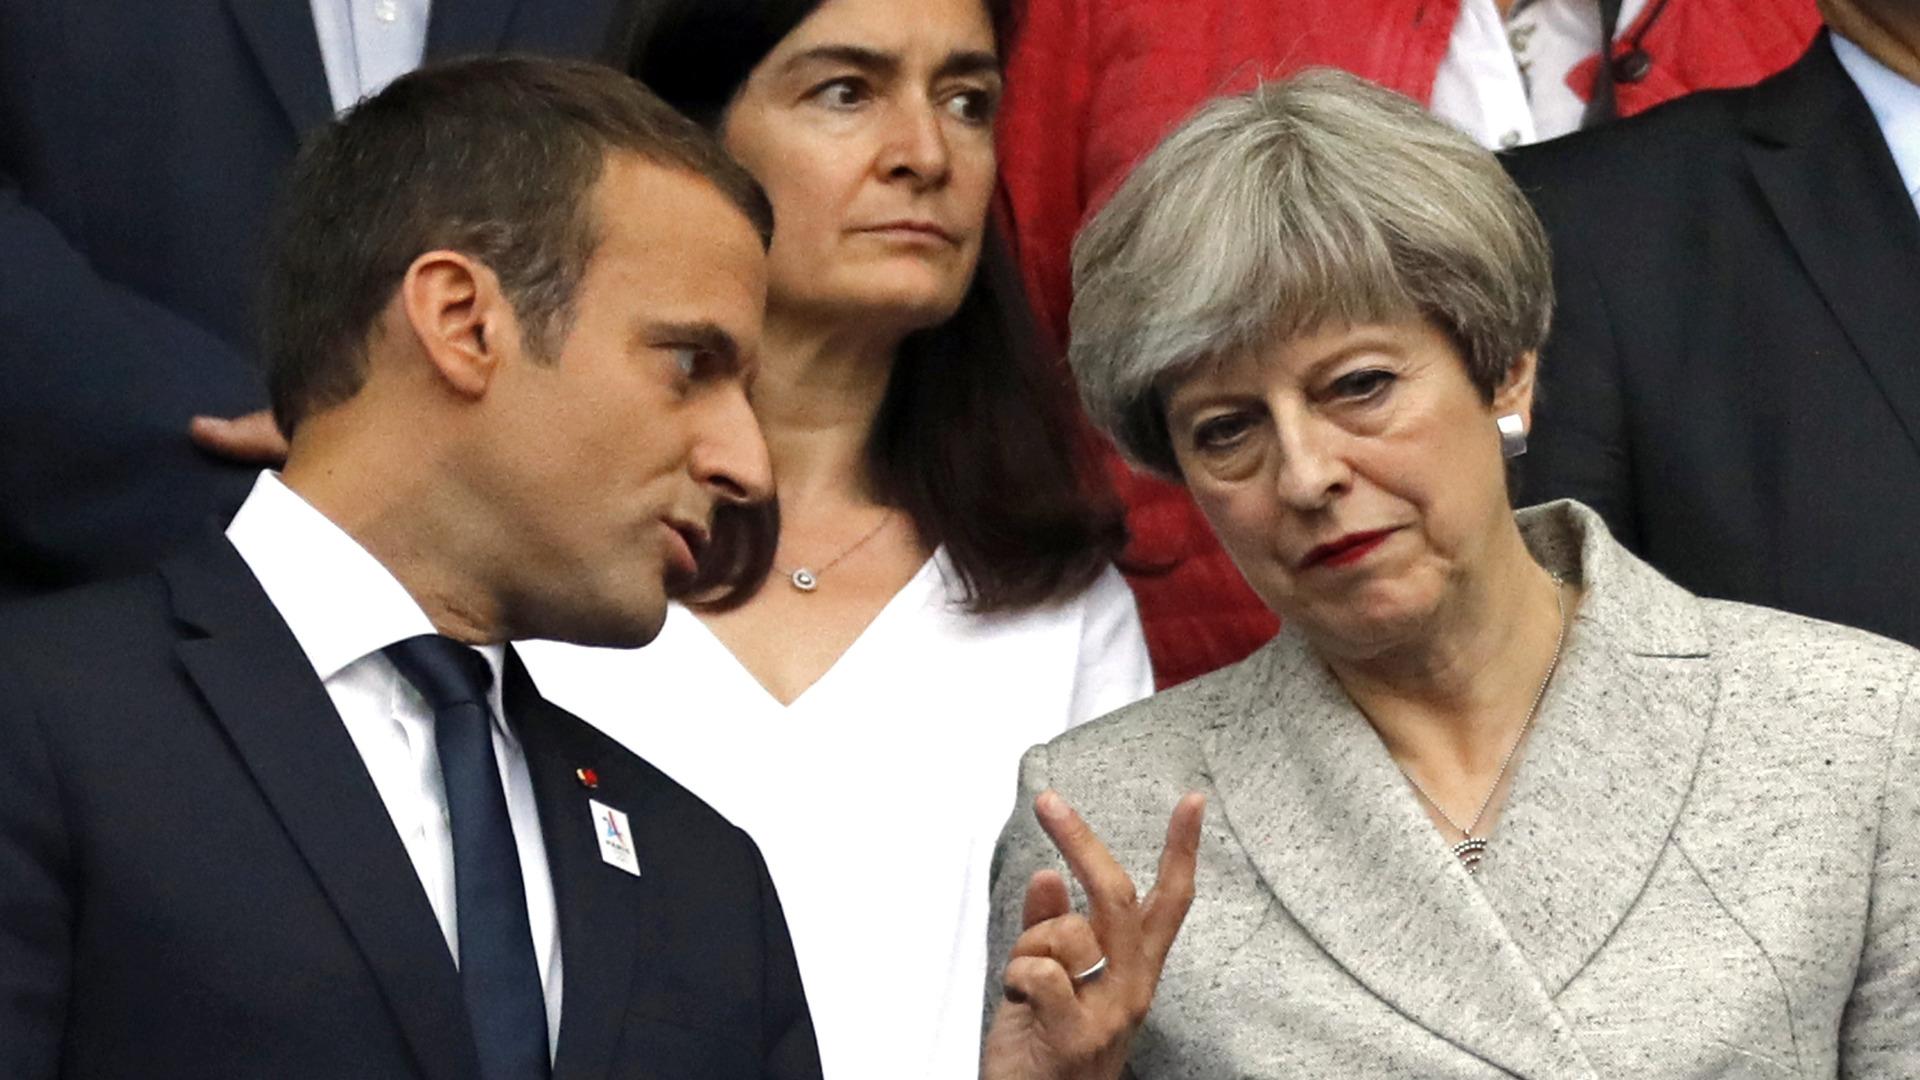 Снимка БГНЕСФренските политици, начело с президента си Еманюел Макрон, бяха